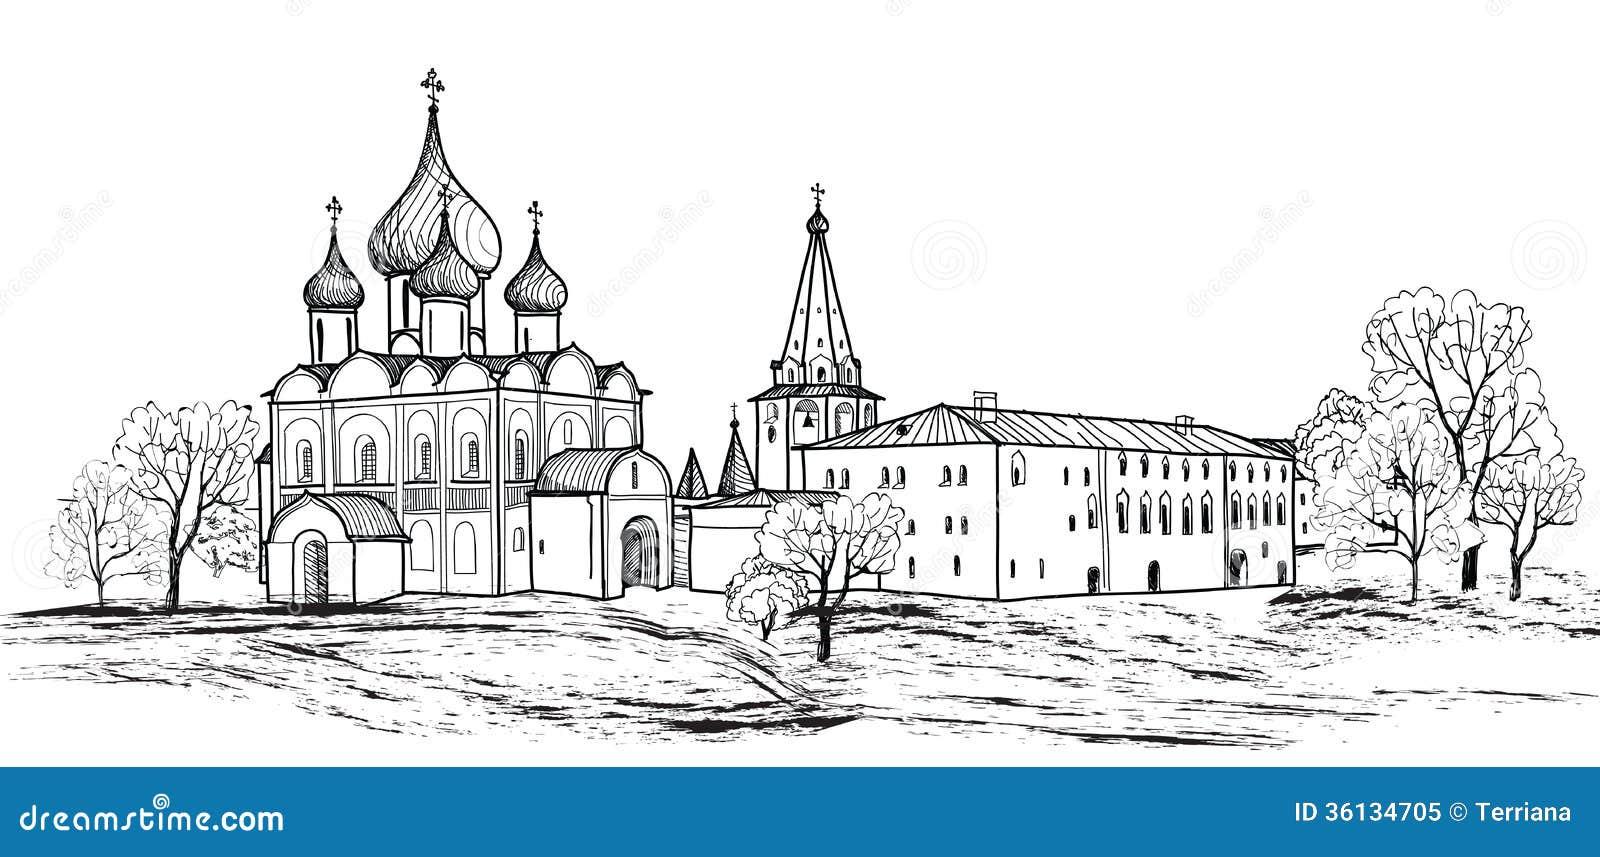 МУЗЕЙ ЗАРАЙСКИЙ КРЕМЛЬ  museumzarayskru